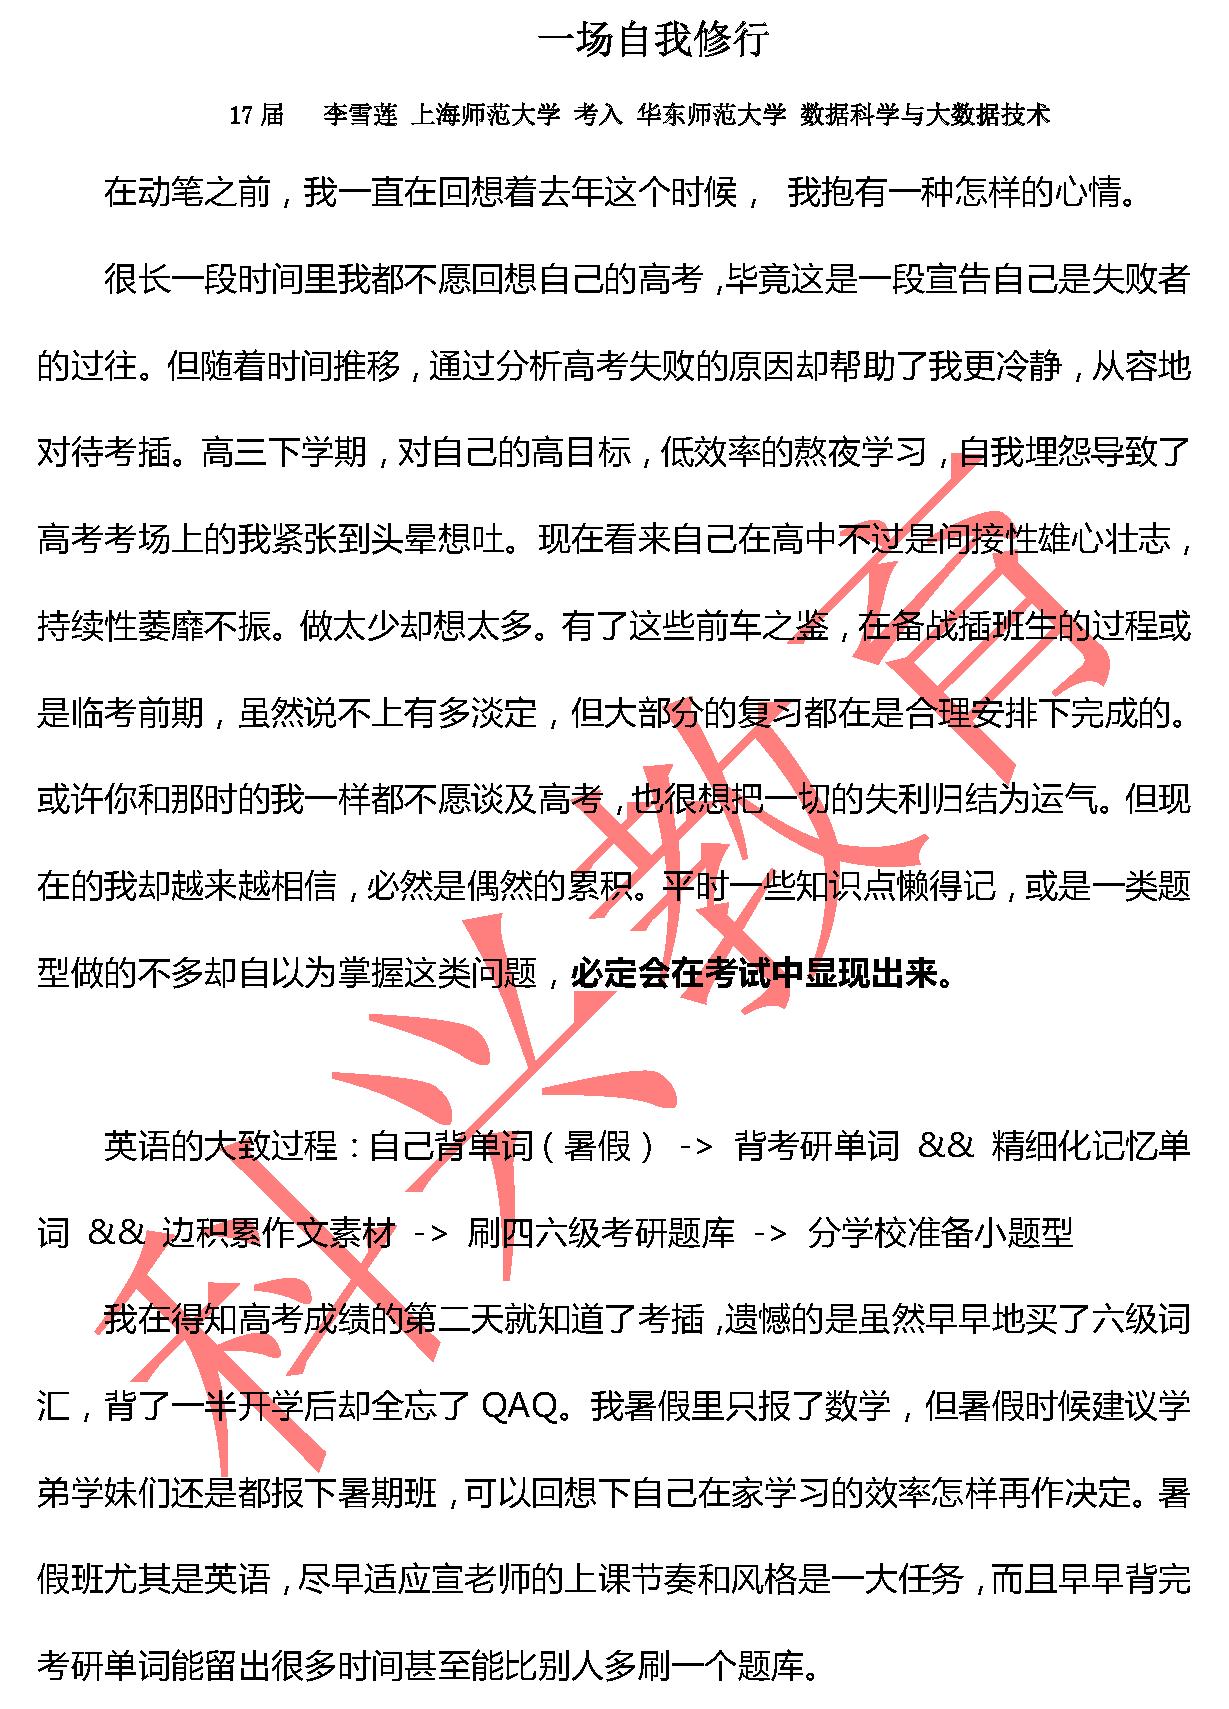 华东师大李雪莲:一场自我修行(17届)